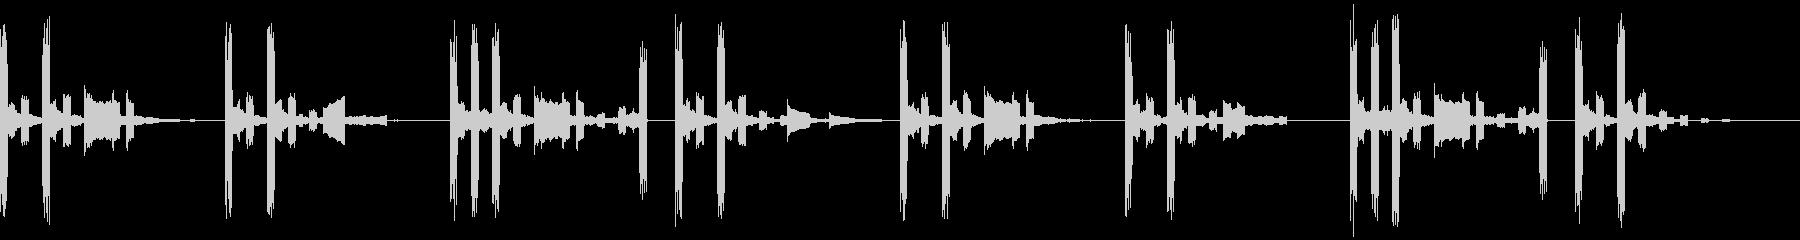 音数の少ない、近未来っぽい電子音楽の未再生の波形